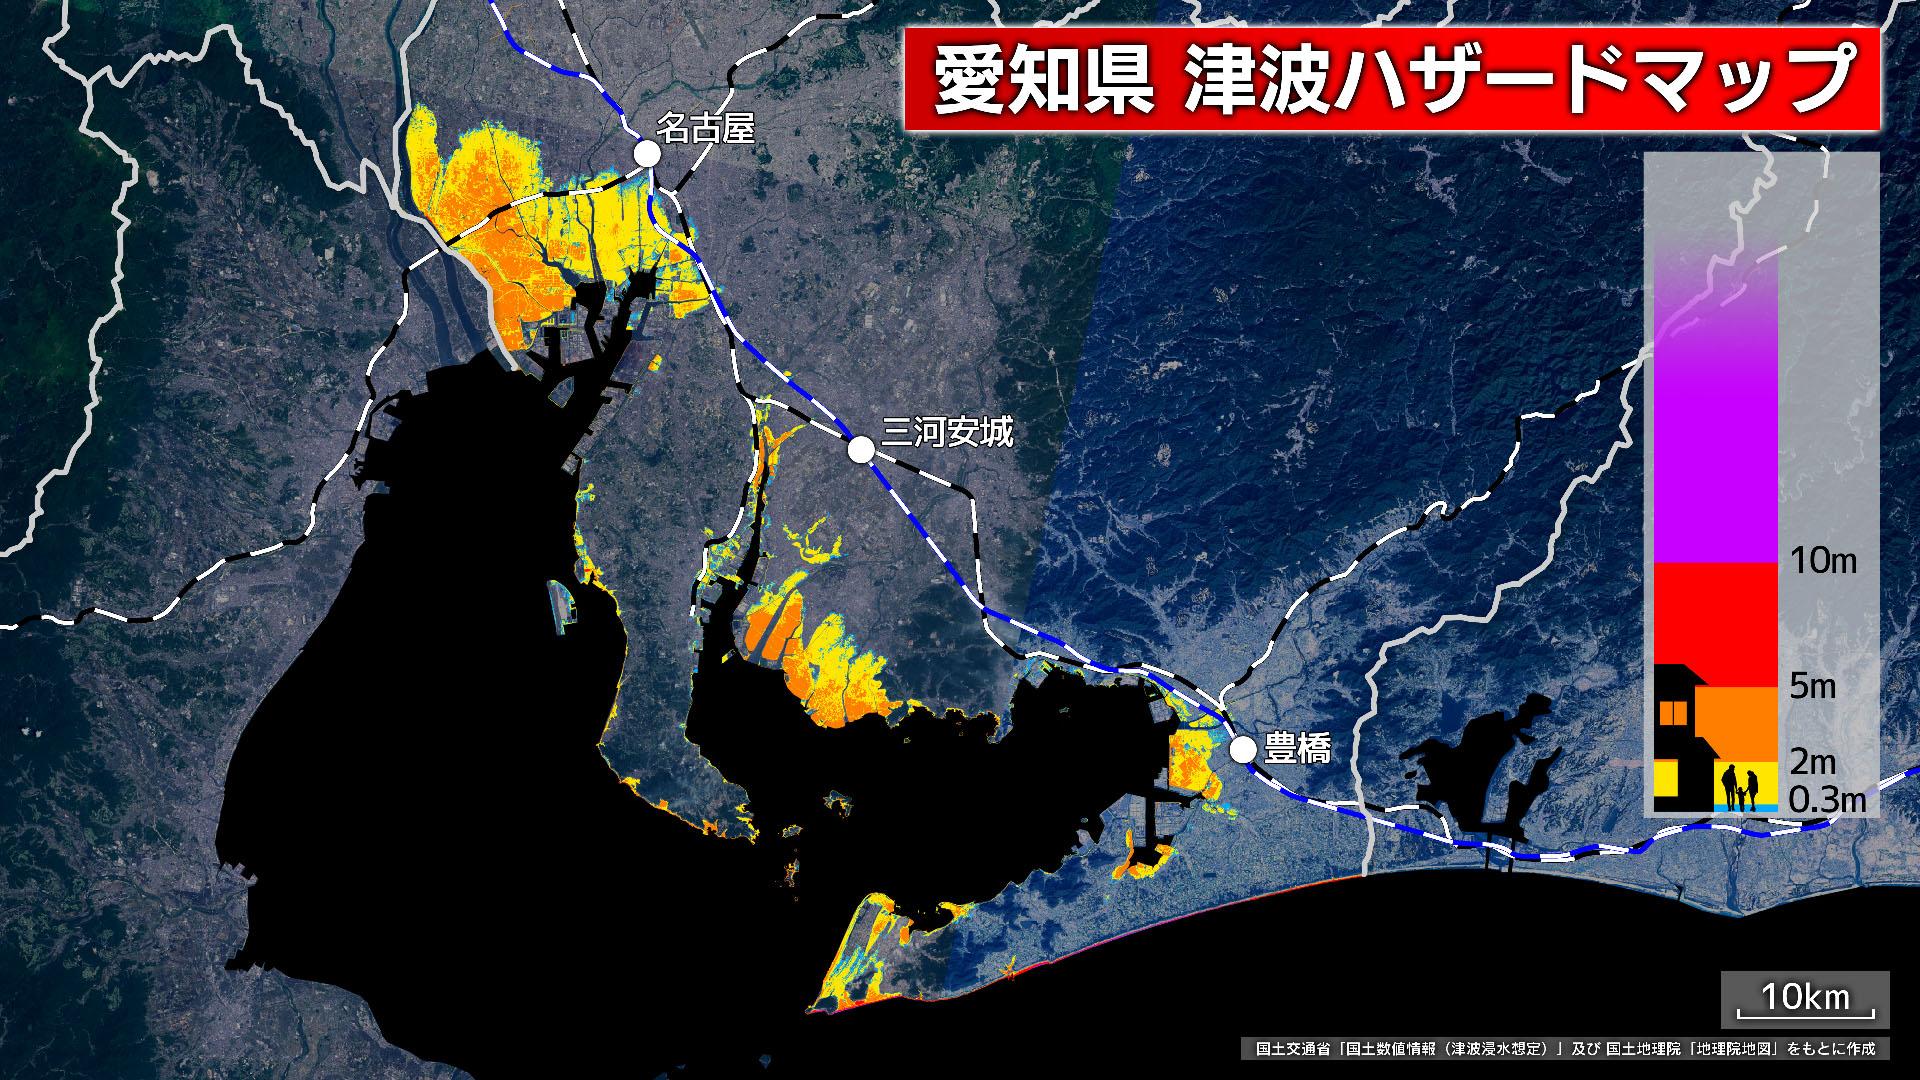 愛知県 津波ハザードマップ